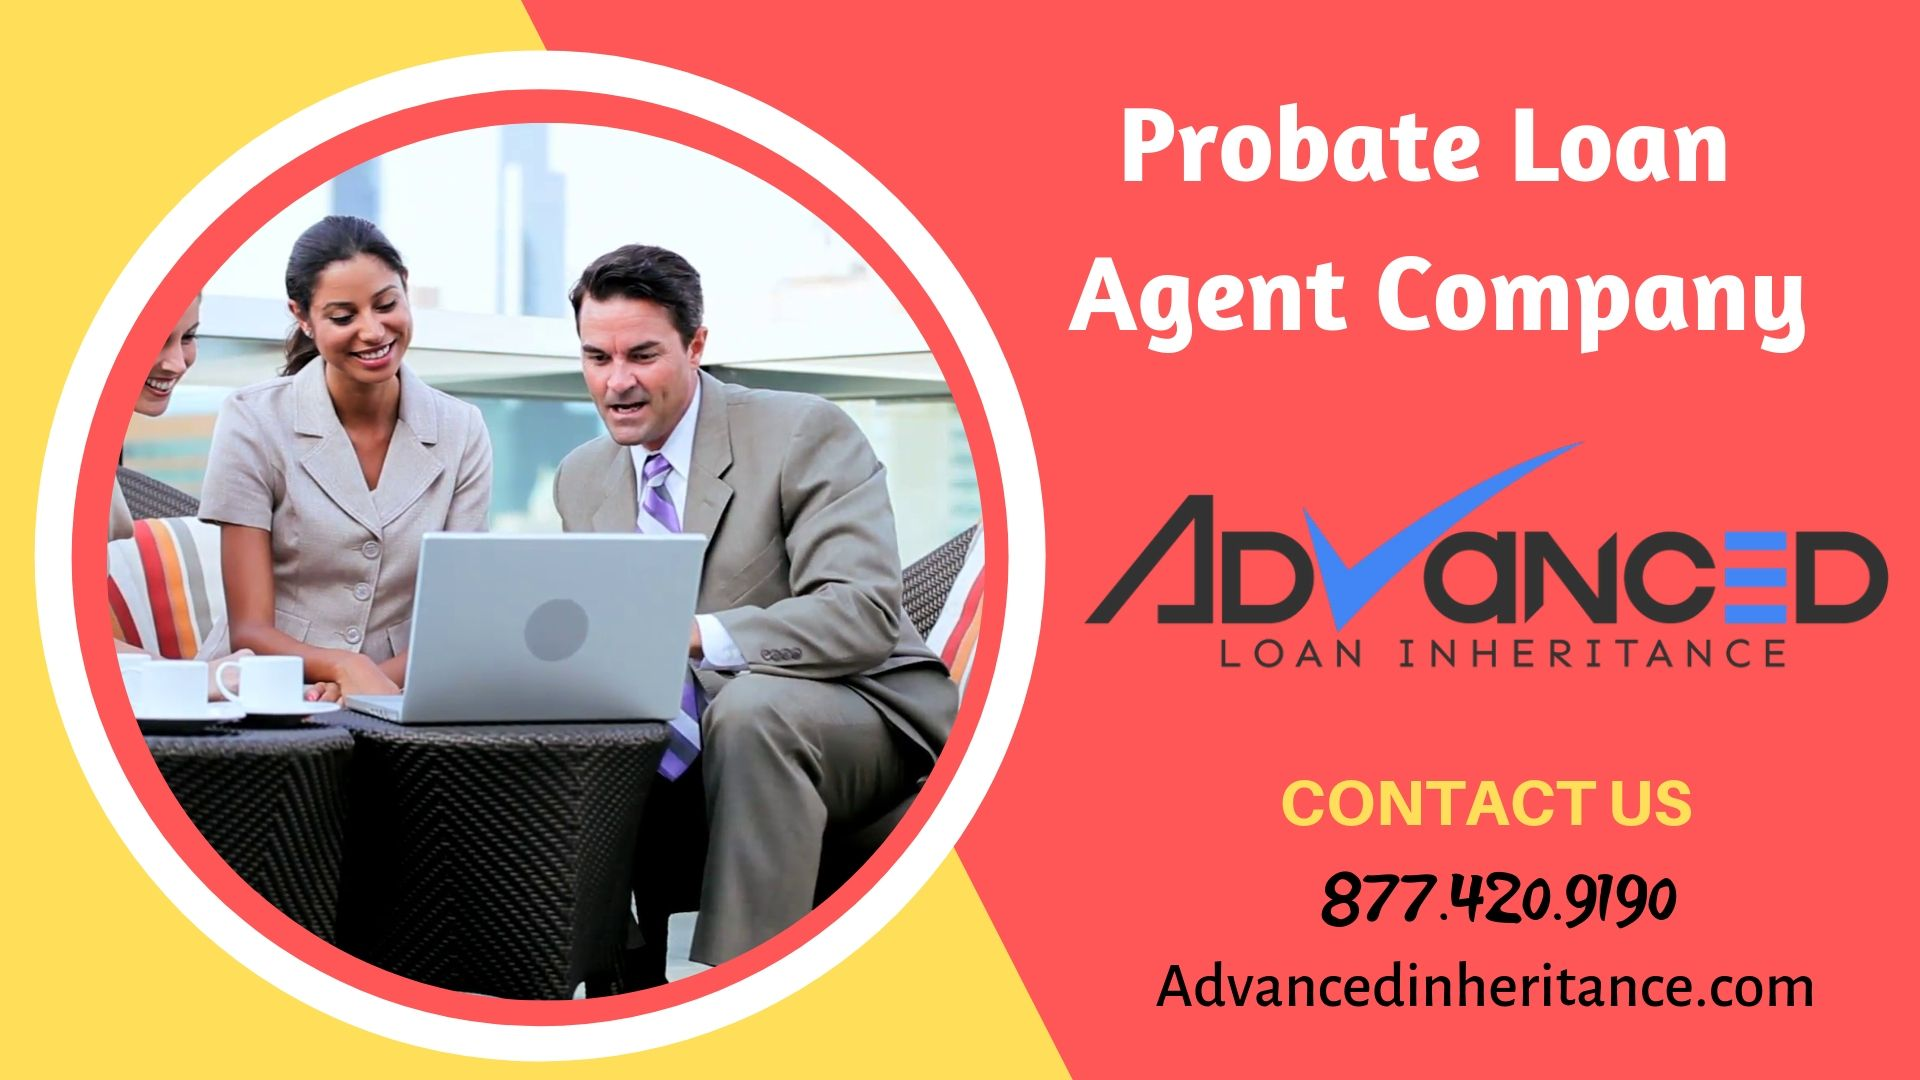 Simplified Probate Loan Agent Loan Loan Company Need Cash Now